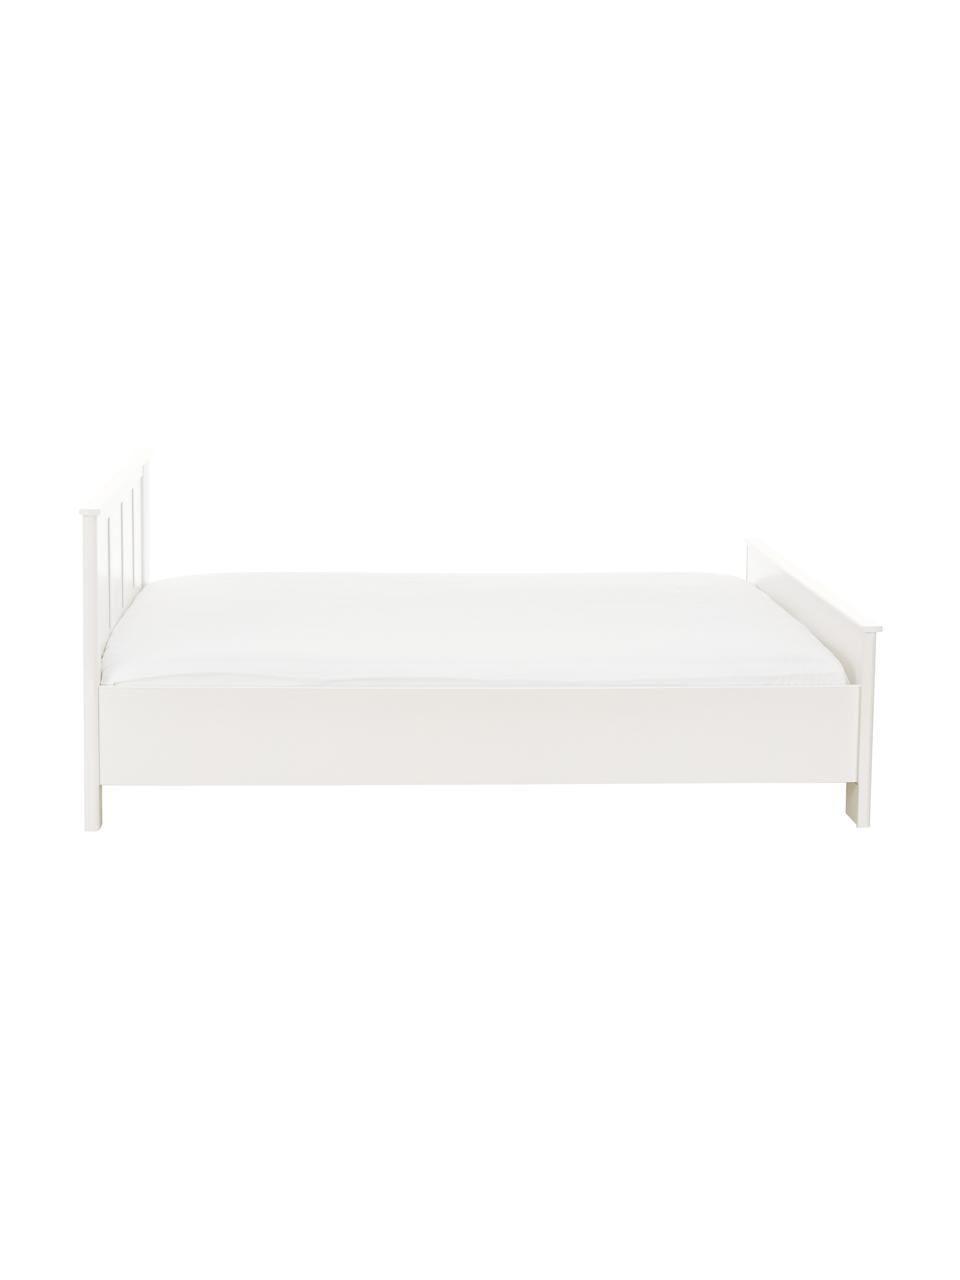 Łóżko z drewna Chalet, Płyta wiórowa, foliowana, Biały, S 160 x D 200 cm